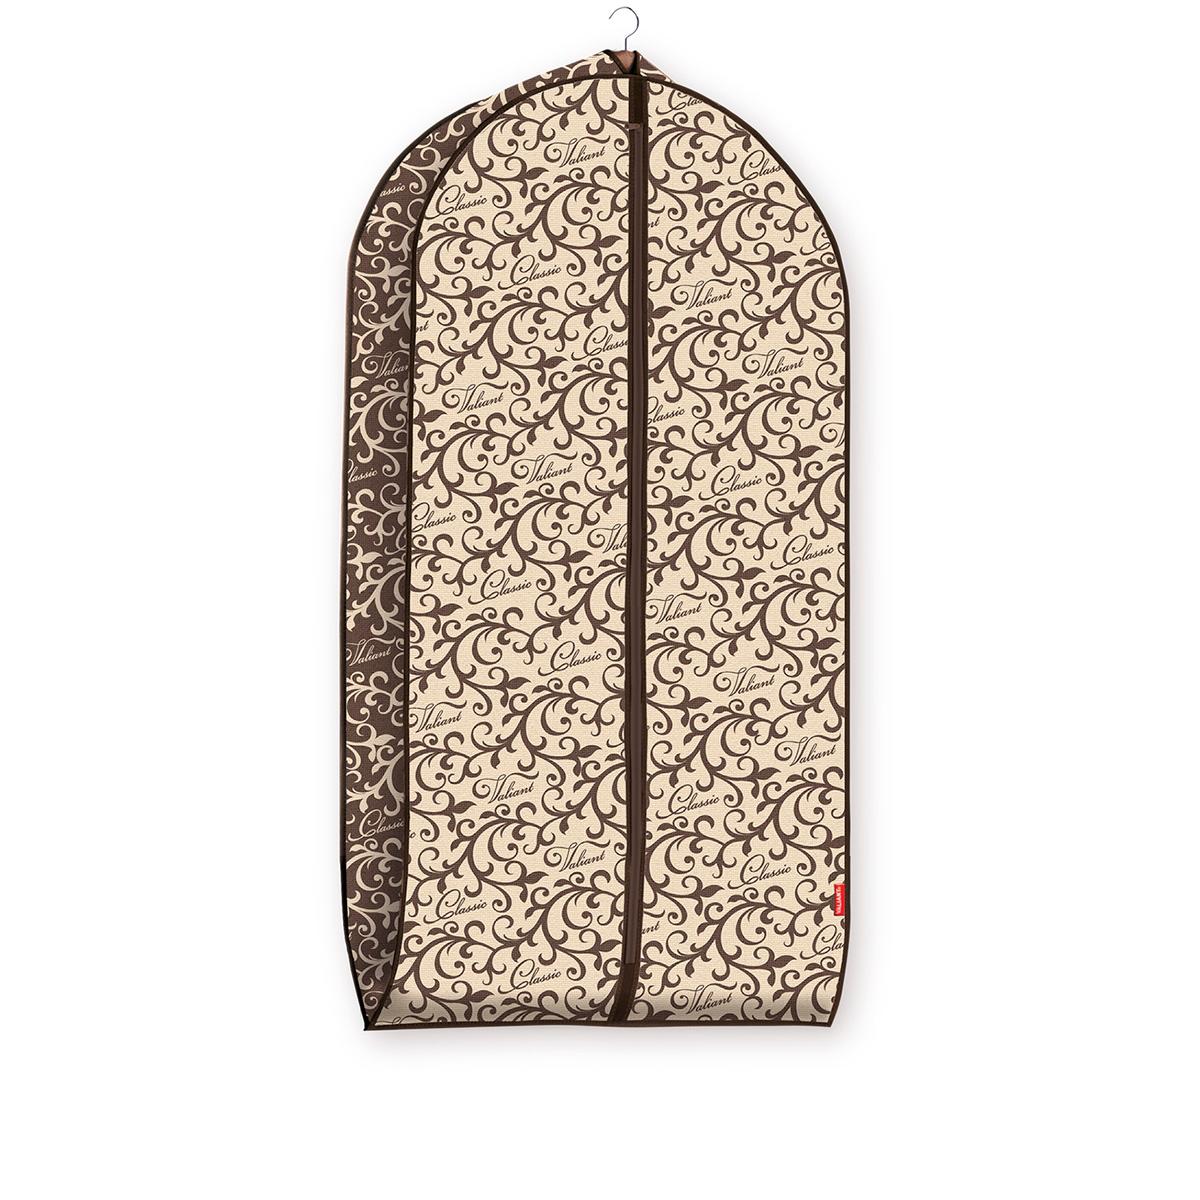 Чехол для одежды Valiant Classic, объемный, 60 х 100 х 10 смCL-CV-100Чехол для одежды Valiant Classic изготовлен из высококачественного нетканого материала, который обеспечивает естественную вентиляцию, позволяя воздуху проникать внутрь, но не пропускает пыль. Чехол очень удобен в использовании. Наличие боковой вставки увеличивает объем чехла, что позволяет хранить крупные объемные вещи. Чехол легко открывается и закрывается застежкой-молнией. Идеально подойдет для хранения одежды и удобной перевозки. Оригинальный дизайн Classic придется по вкусу ценительницам прекрасного. Изысканный благородный узор будет гармонично смотреться в современном классическом интерьере.